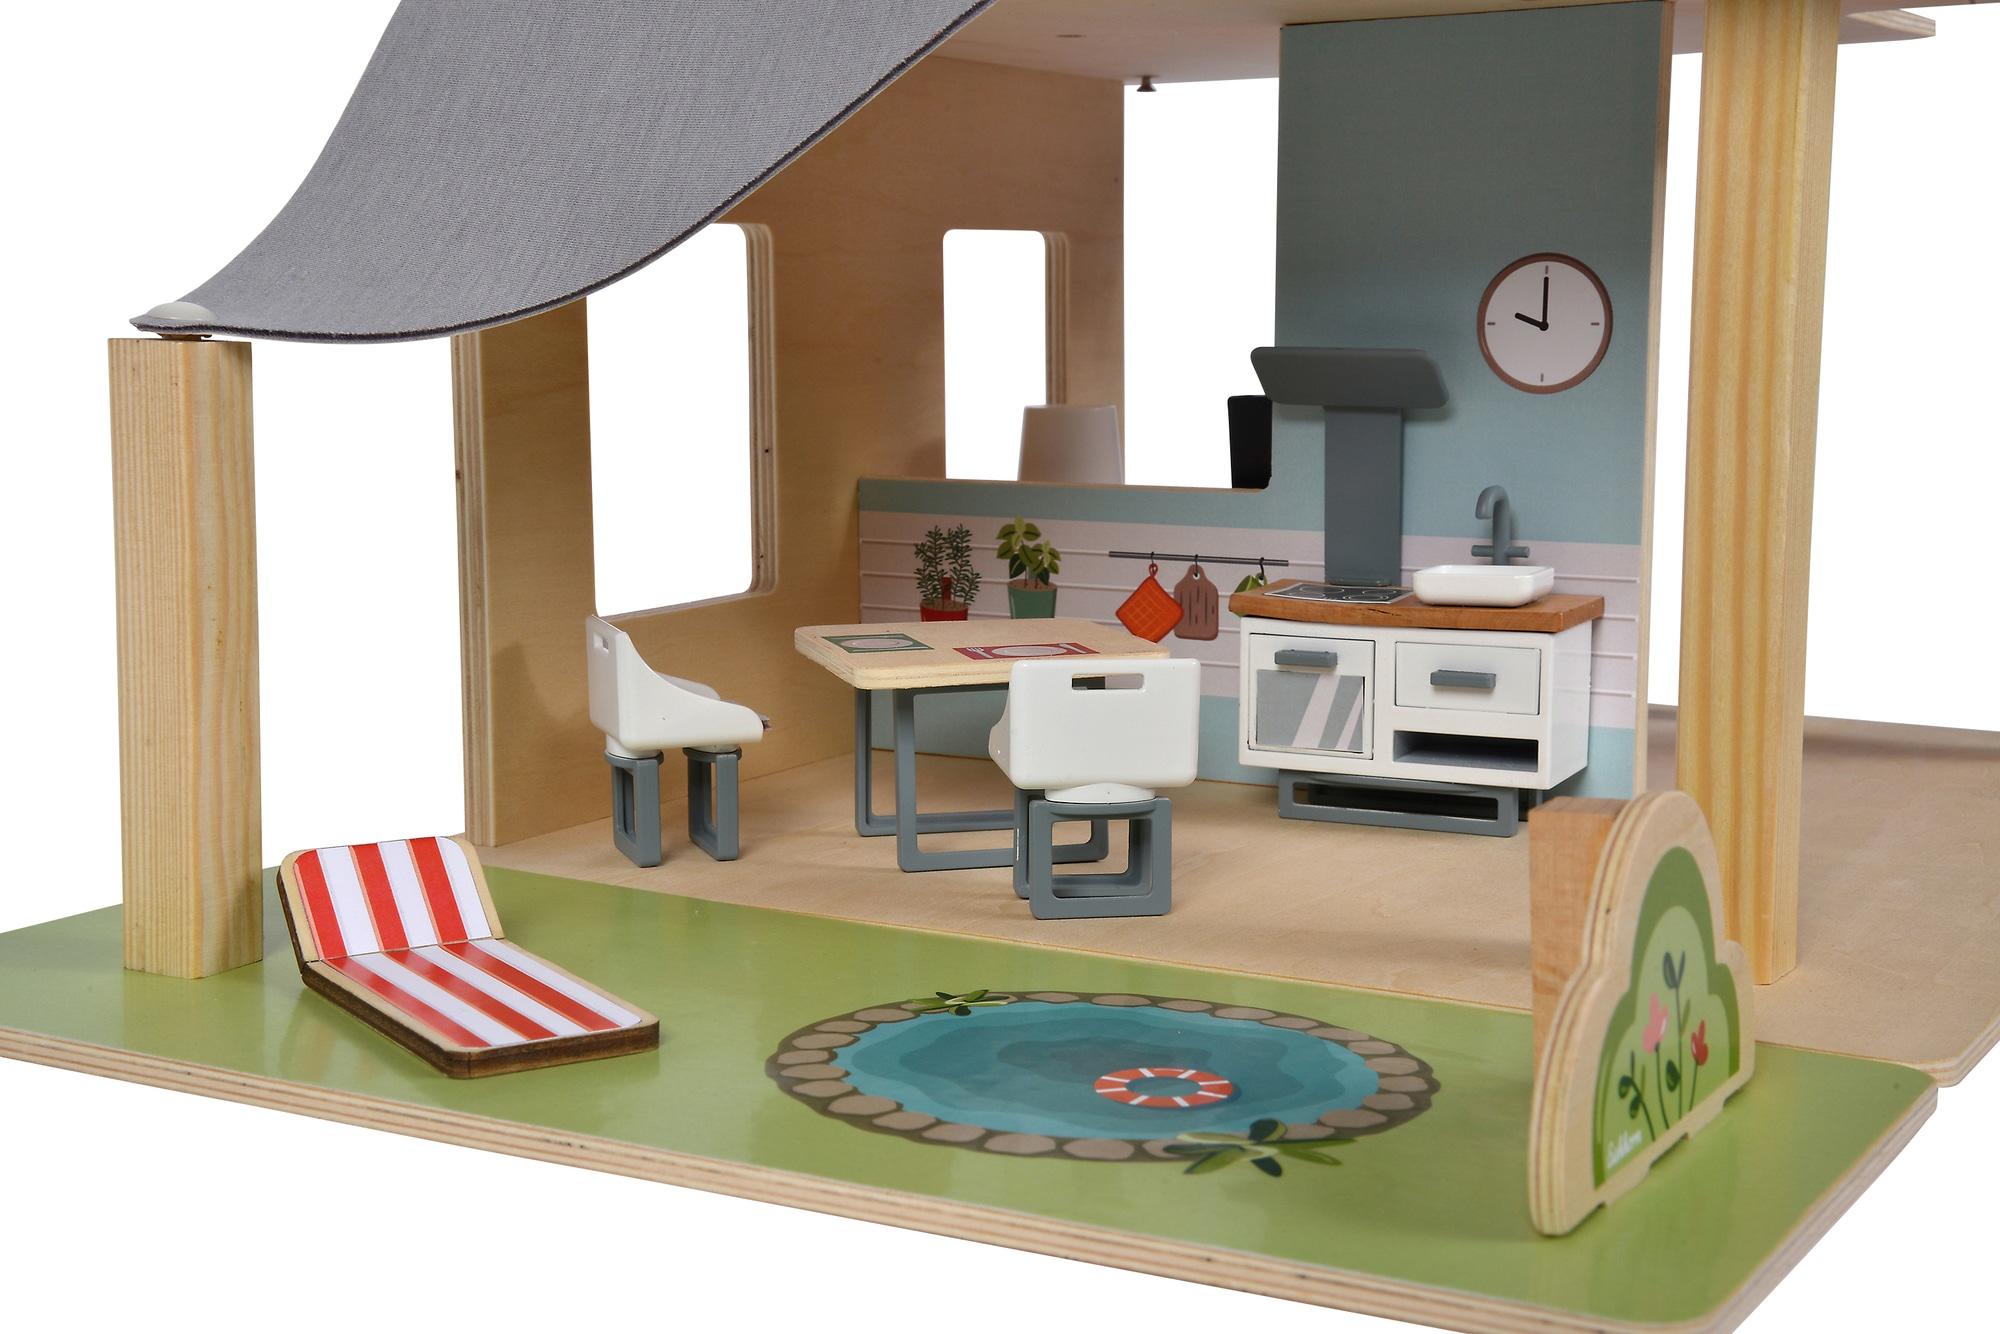 Eichhorn Puppenhaus, mit Möbeln und Spielfiguren bunt Kinder Puppenzubehör Puppen Puppenhaus